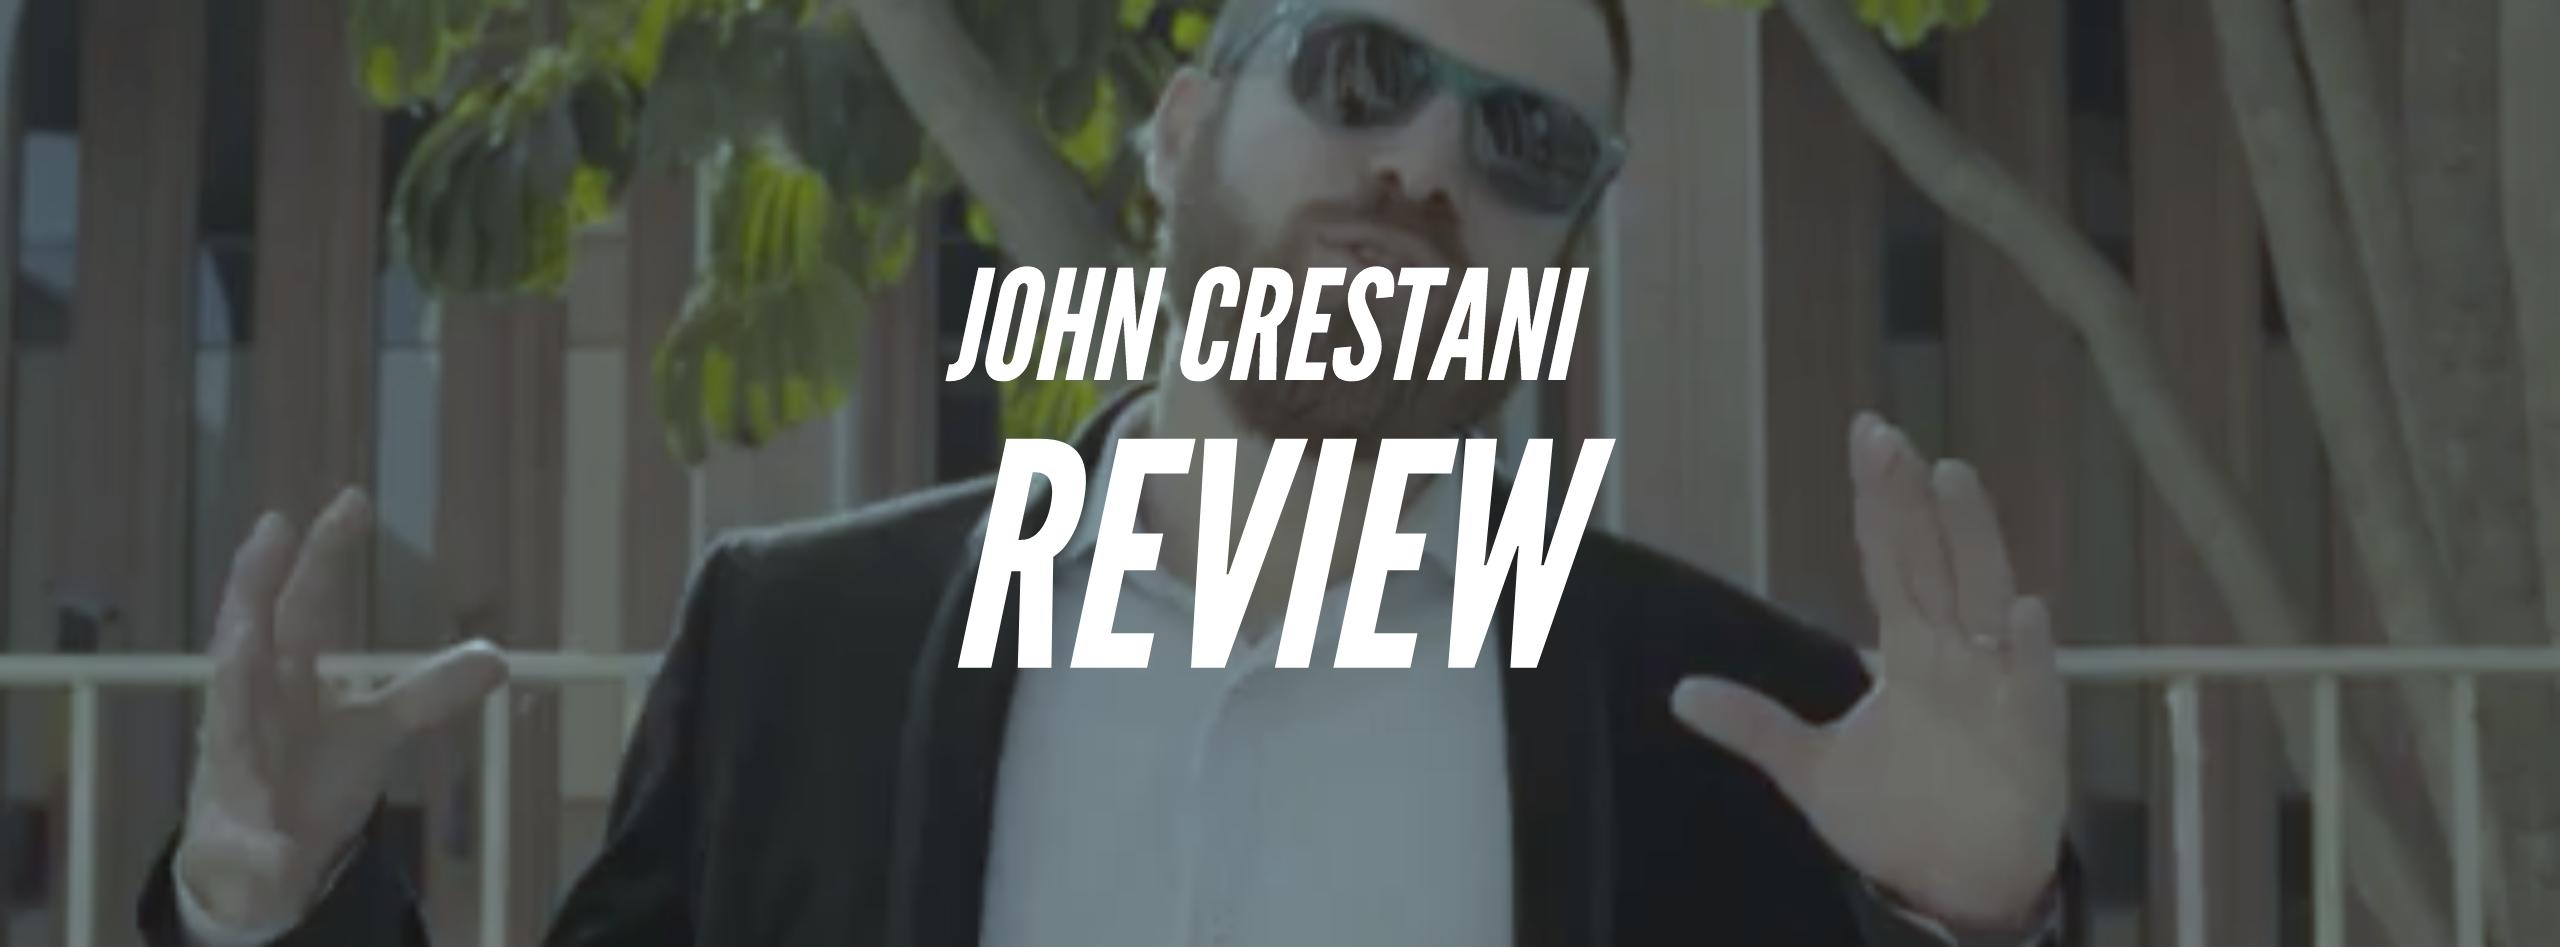 John-Crestani-Thubmnail